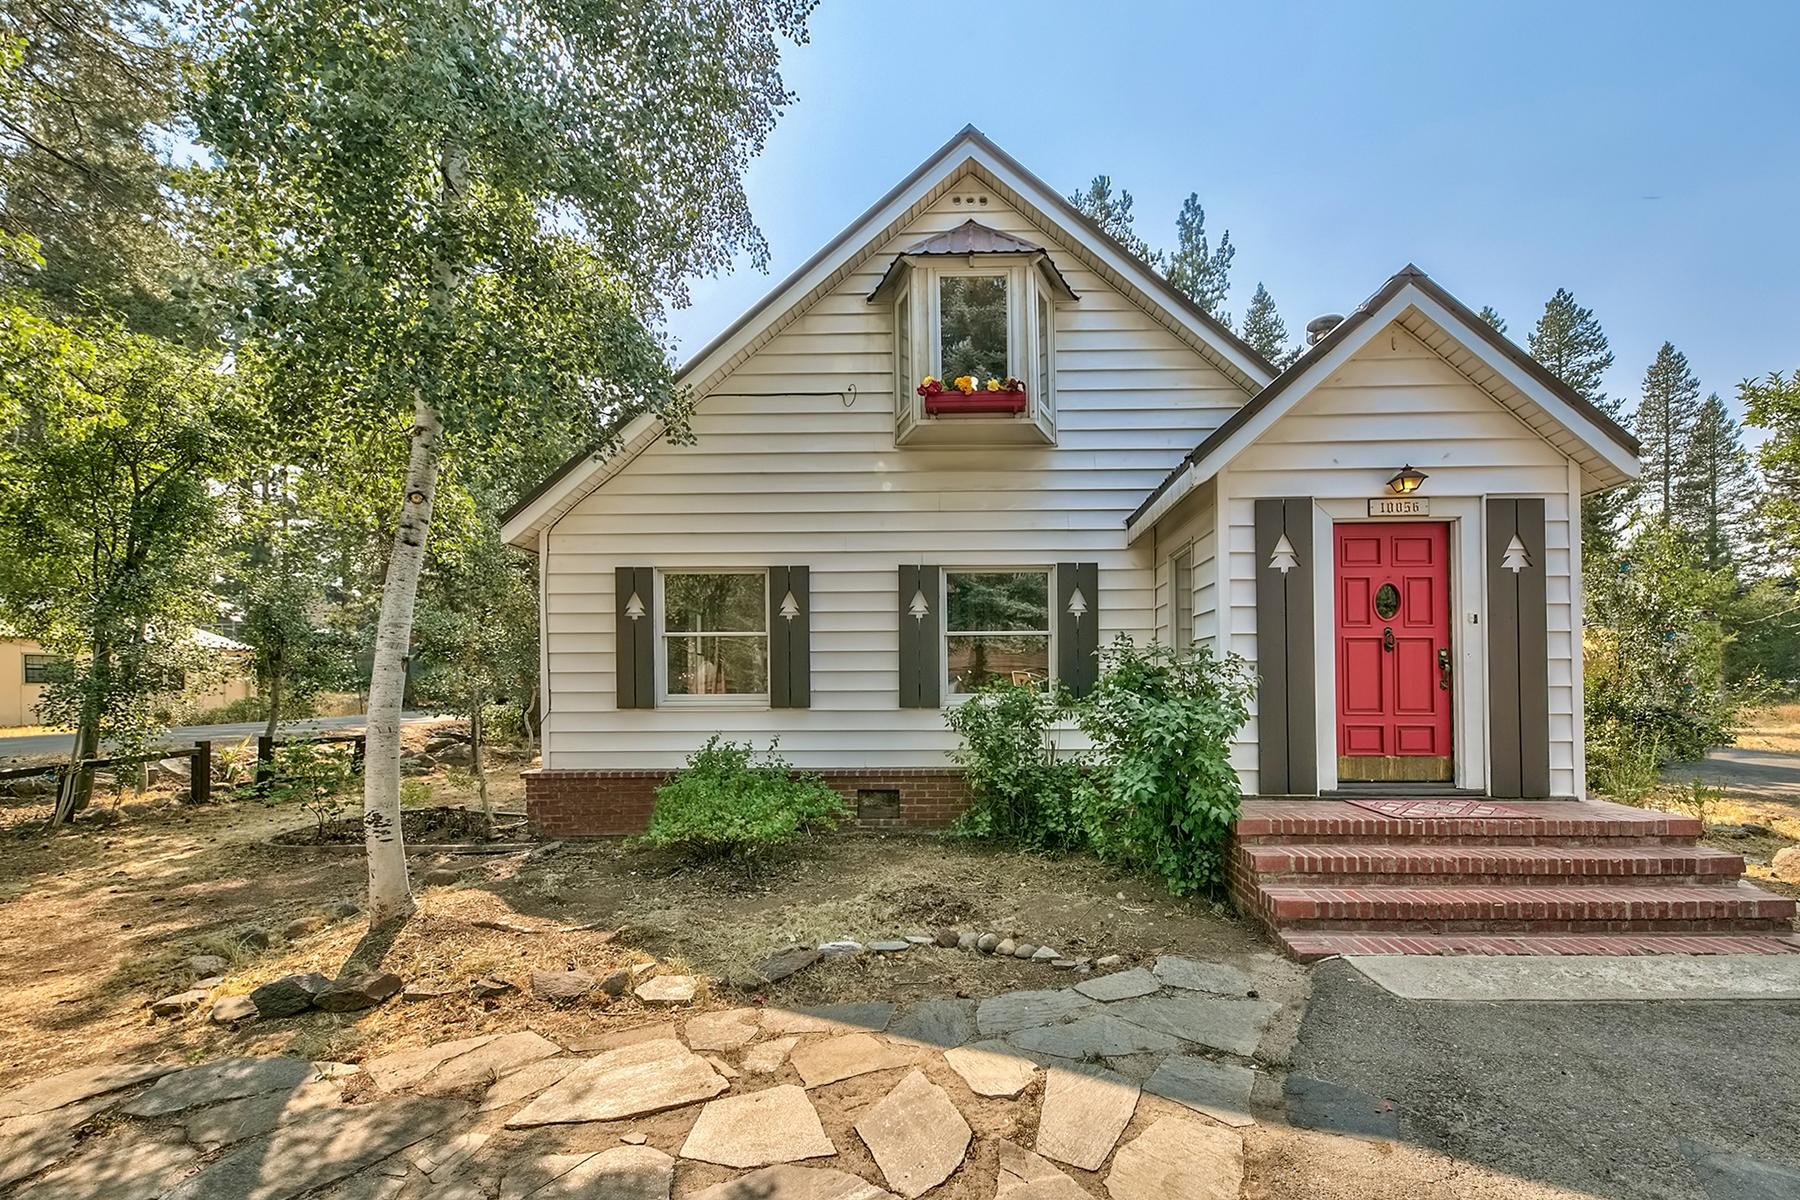 独户住宅 为 销售 在 10056 Sierra Avenue, Truckee CA 96161 10056 Sierra Avenue 特拉基, 加利福尼亚州 96161 美国